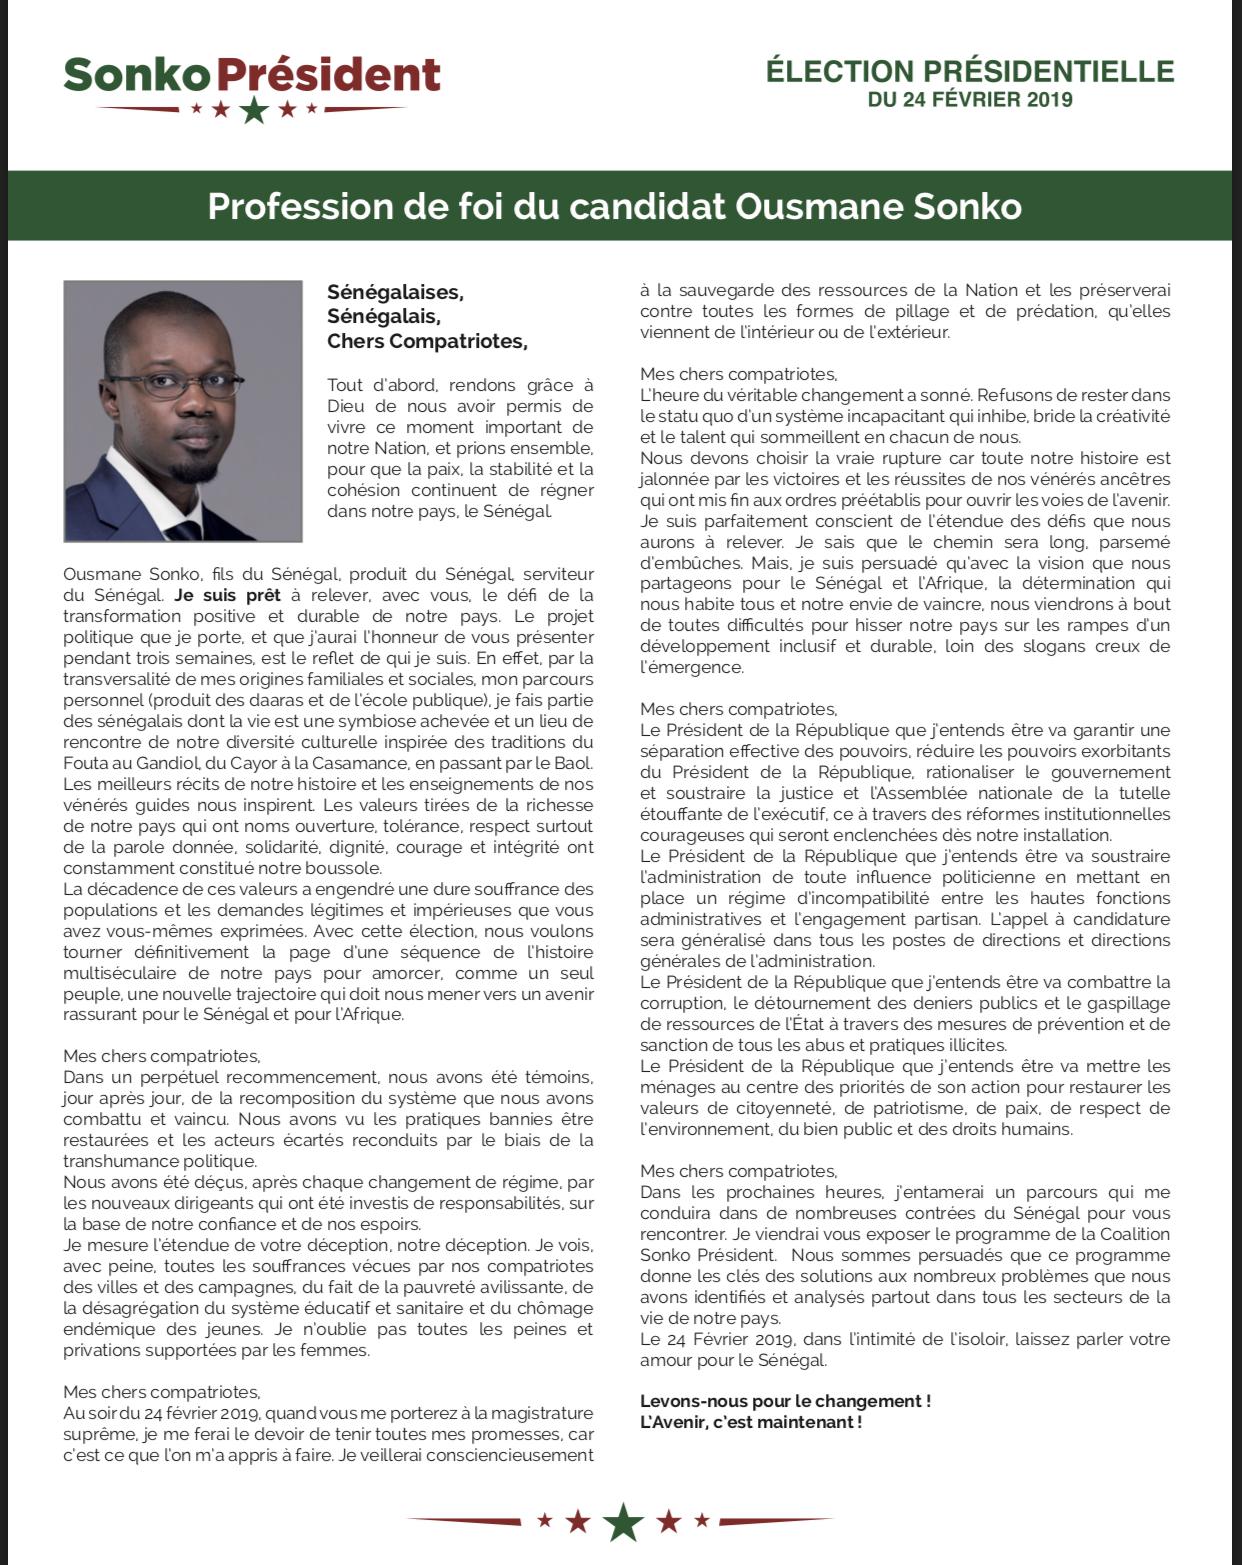 Présidentielle 2019 : Profession de foi du candidat Ousmane Sonko (DOCUMENT)